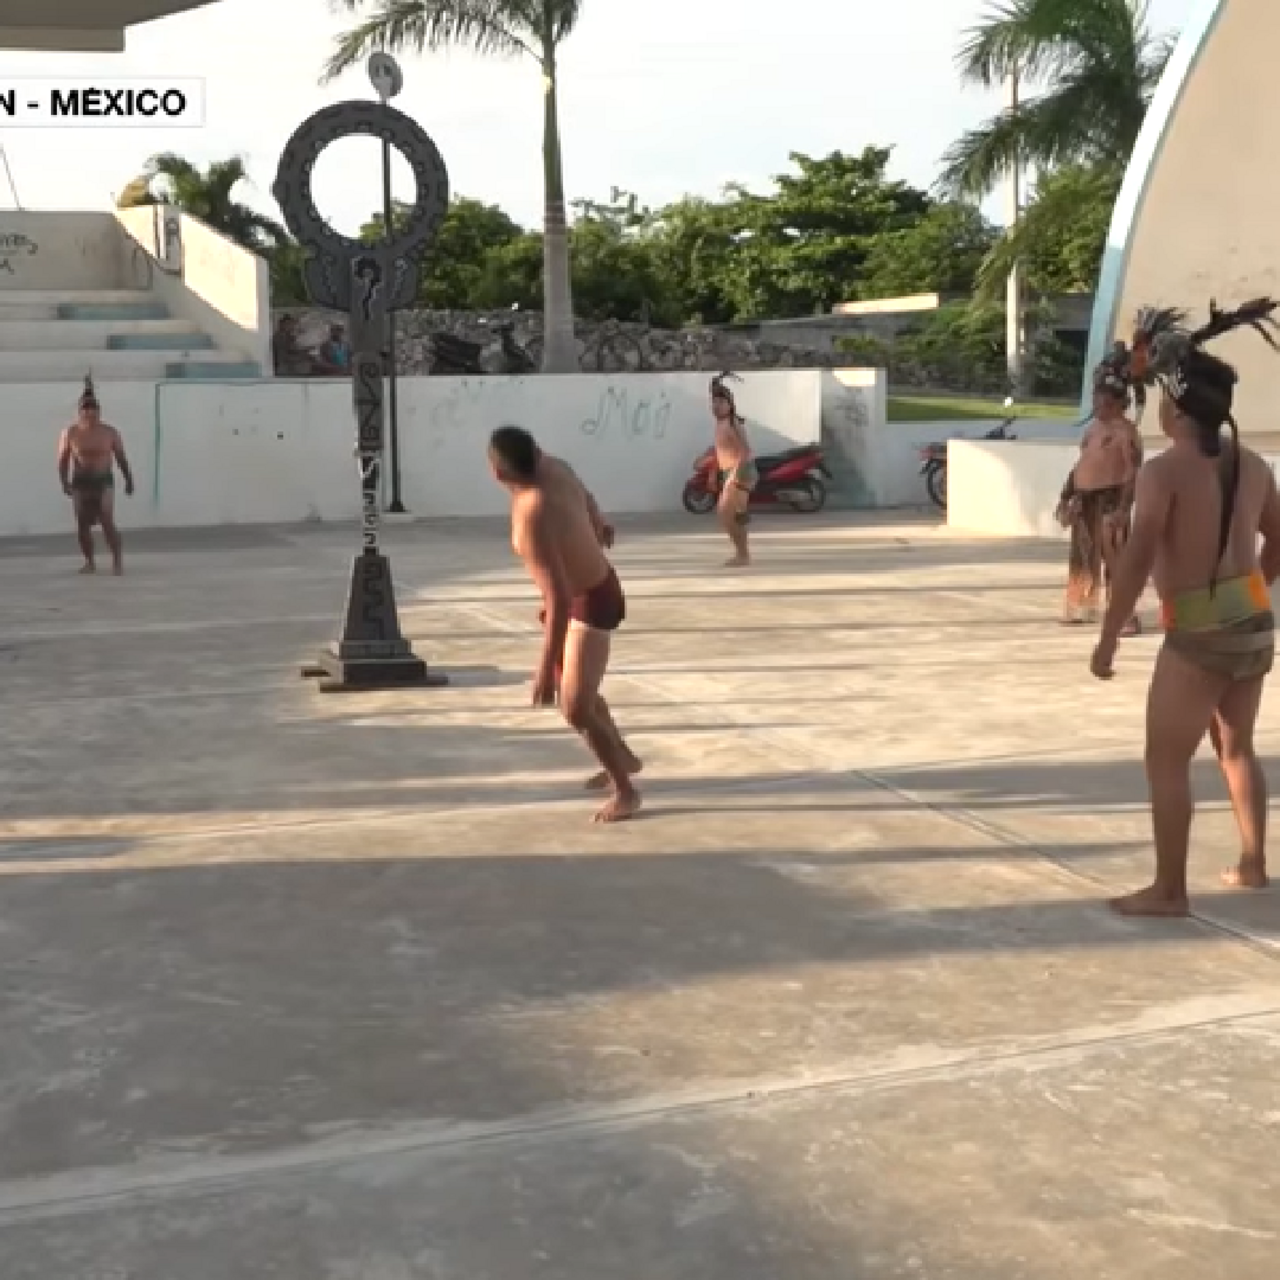 Pok Ta Pok El Juego De Pelota Que Revive La Tradición Maya 4 5